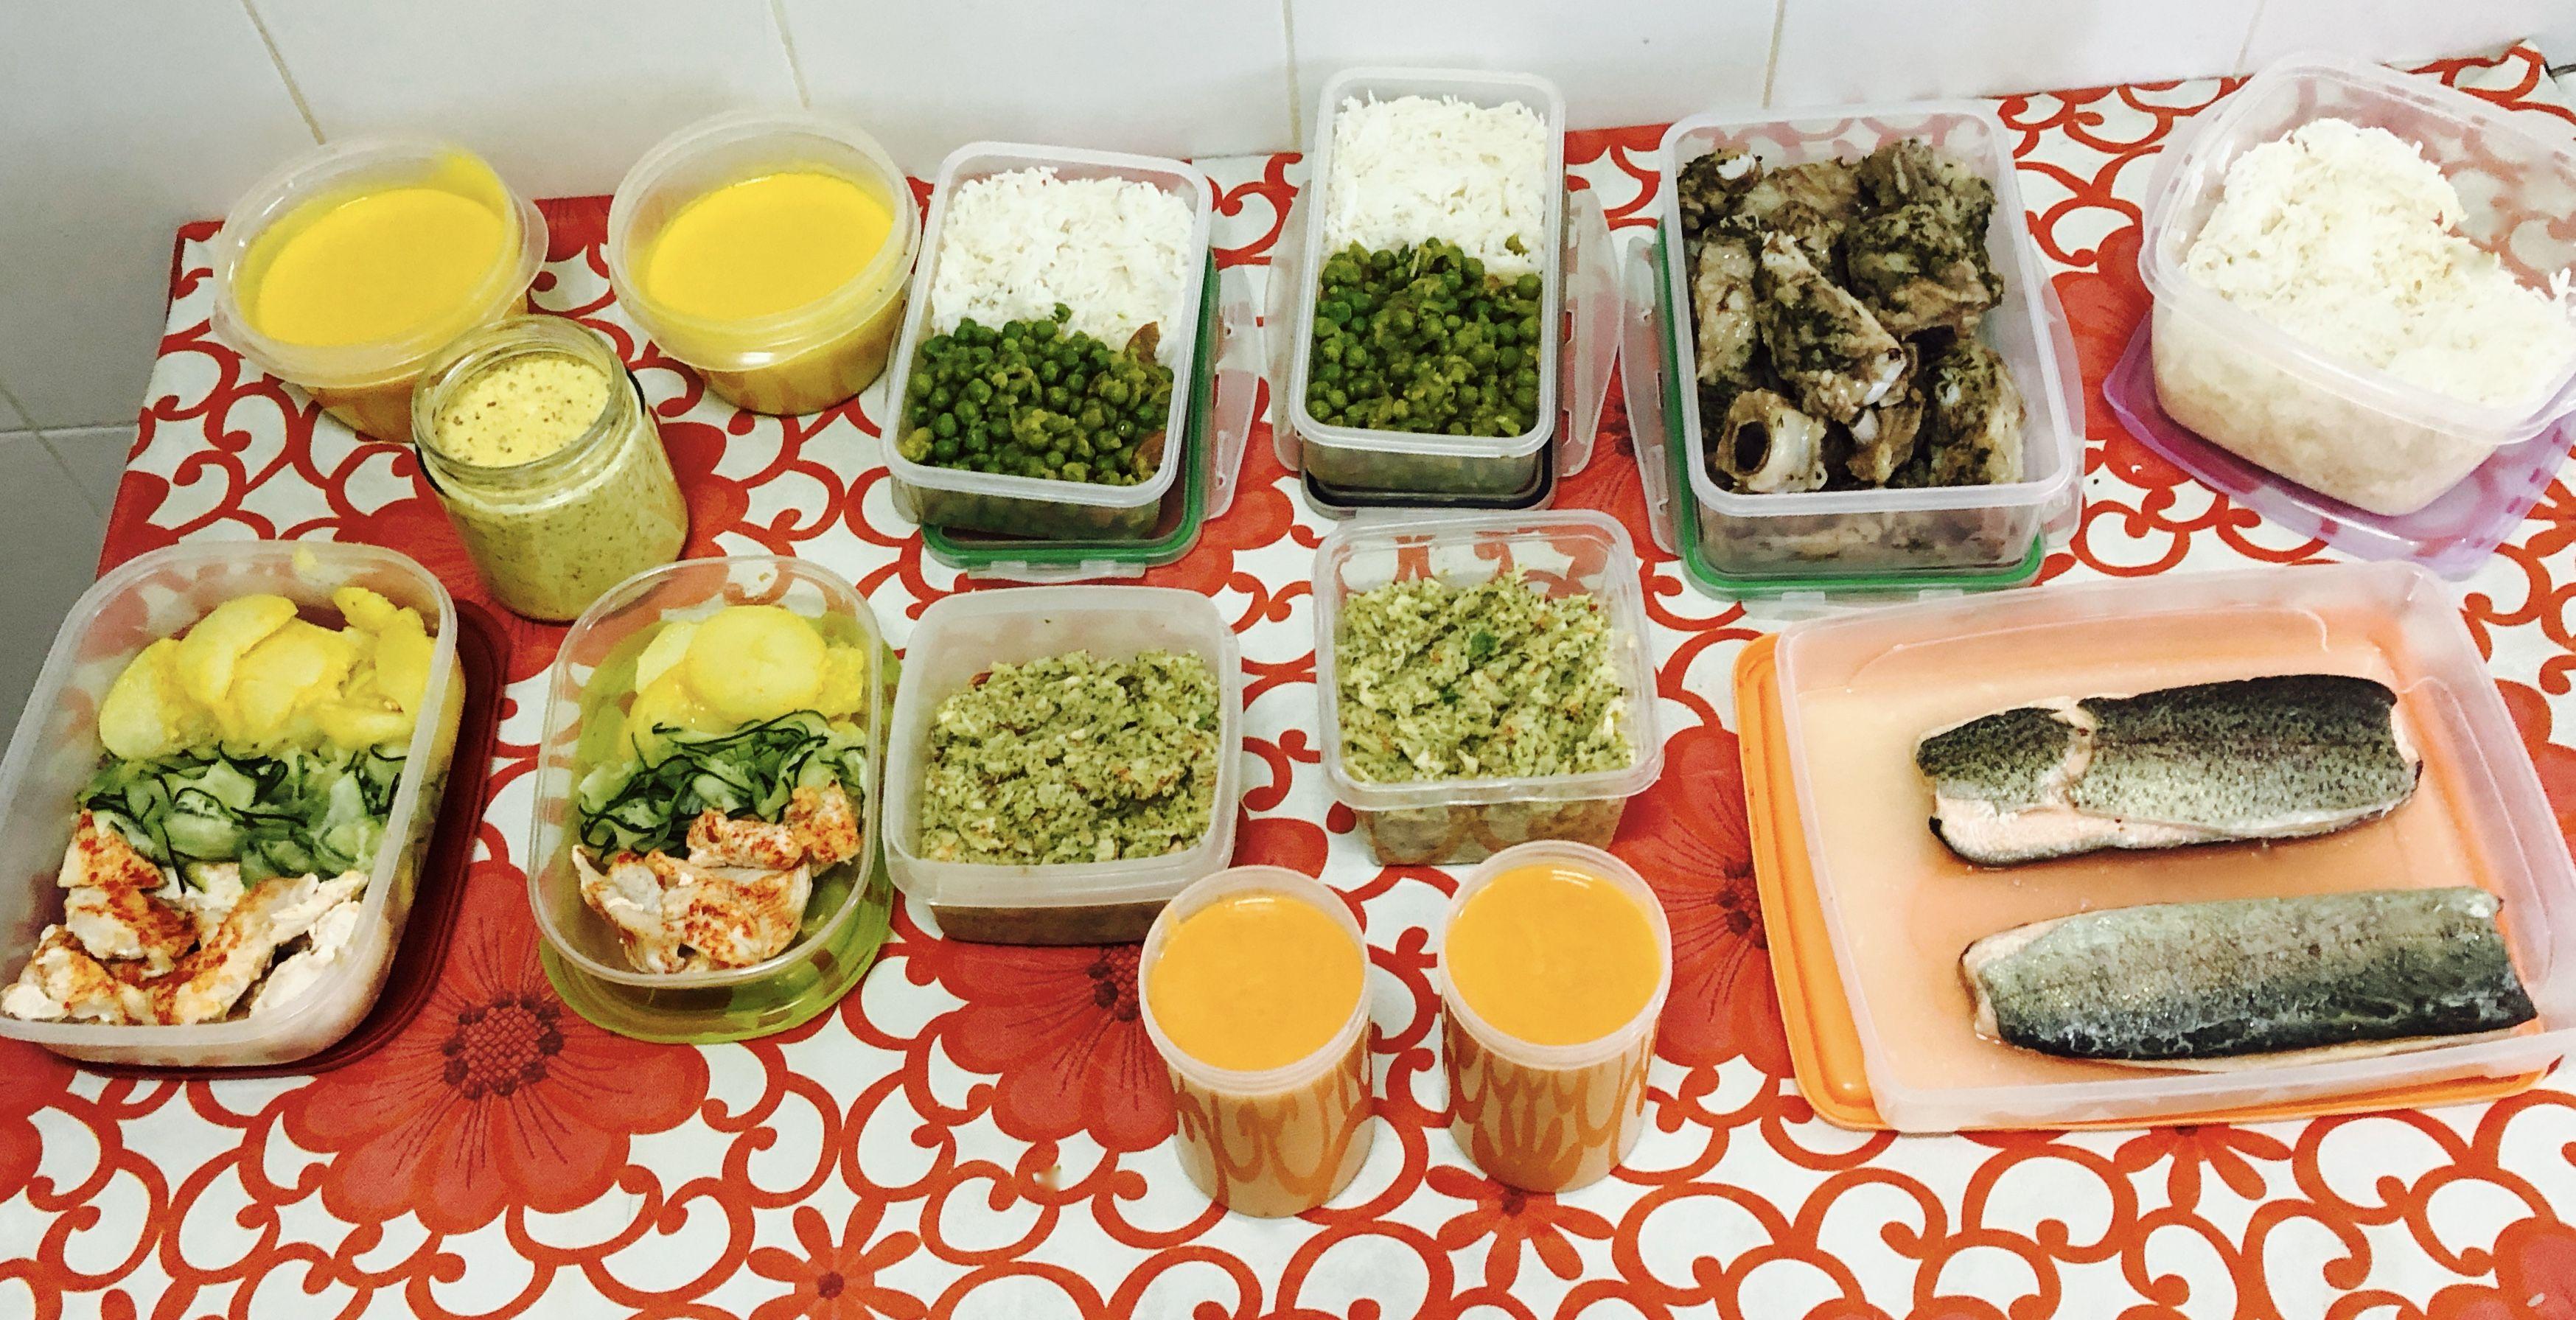 Como Realizar Un Meal Prep Con Thermomix Cocinar Para Varios Dias Coccion En Varoma Blog De Mª Pilar Sancho De Recetas Rapidas Comida Etnica Thermomix